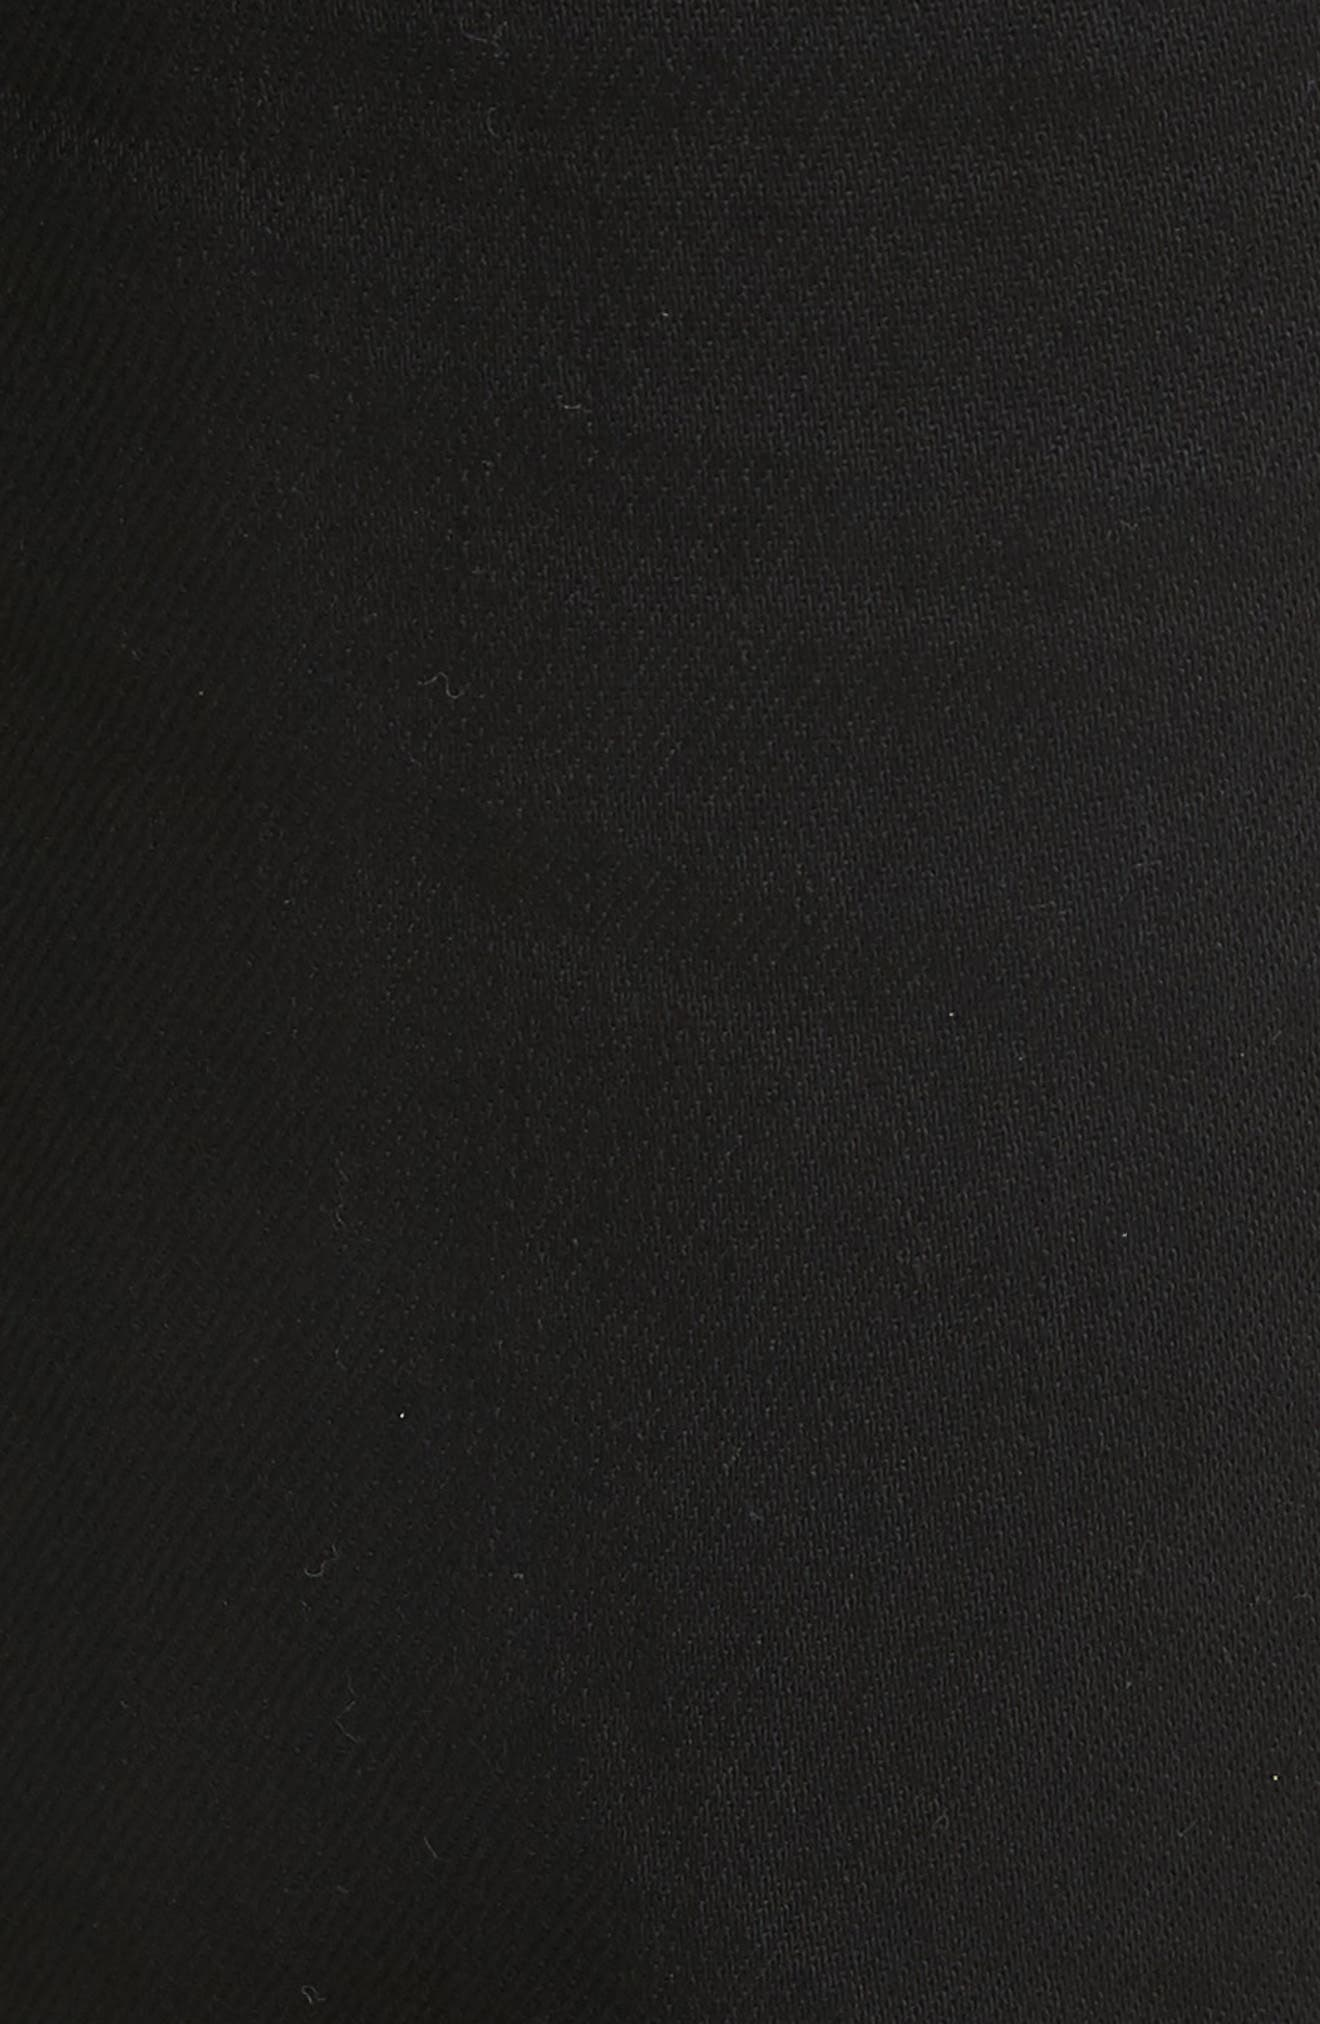 Black Bull Skater Jeans,                             Alternate thumbnail 5, color,                             BLACK